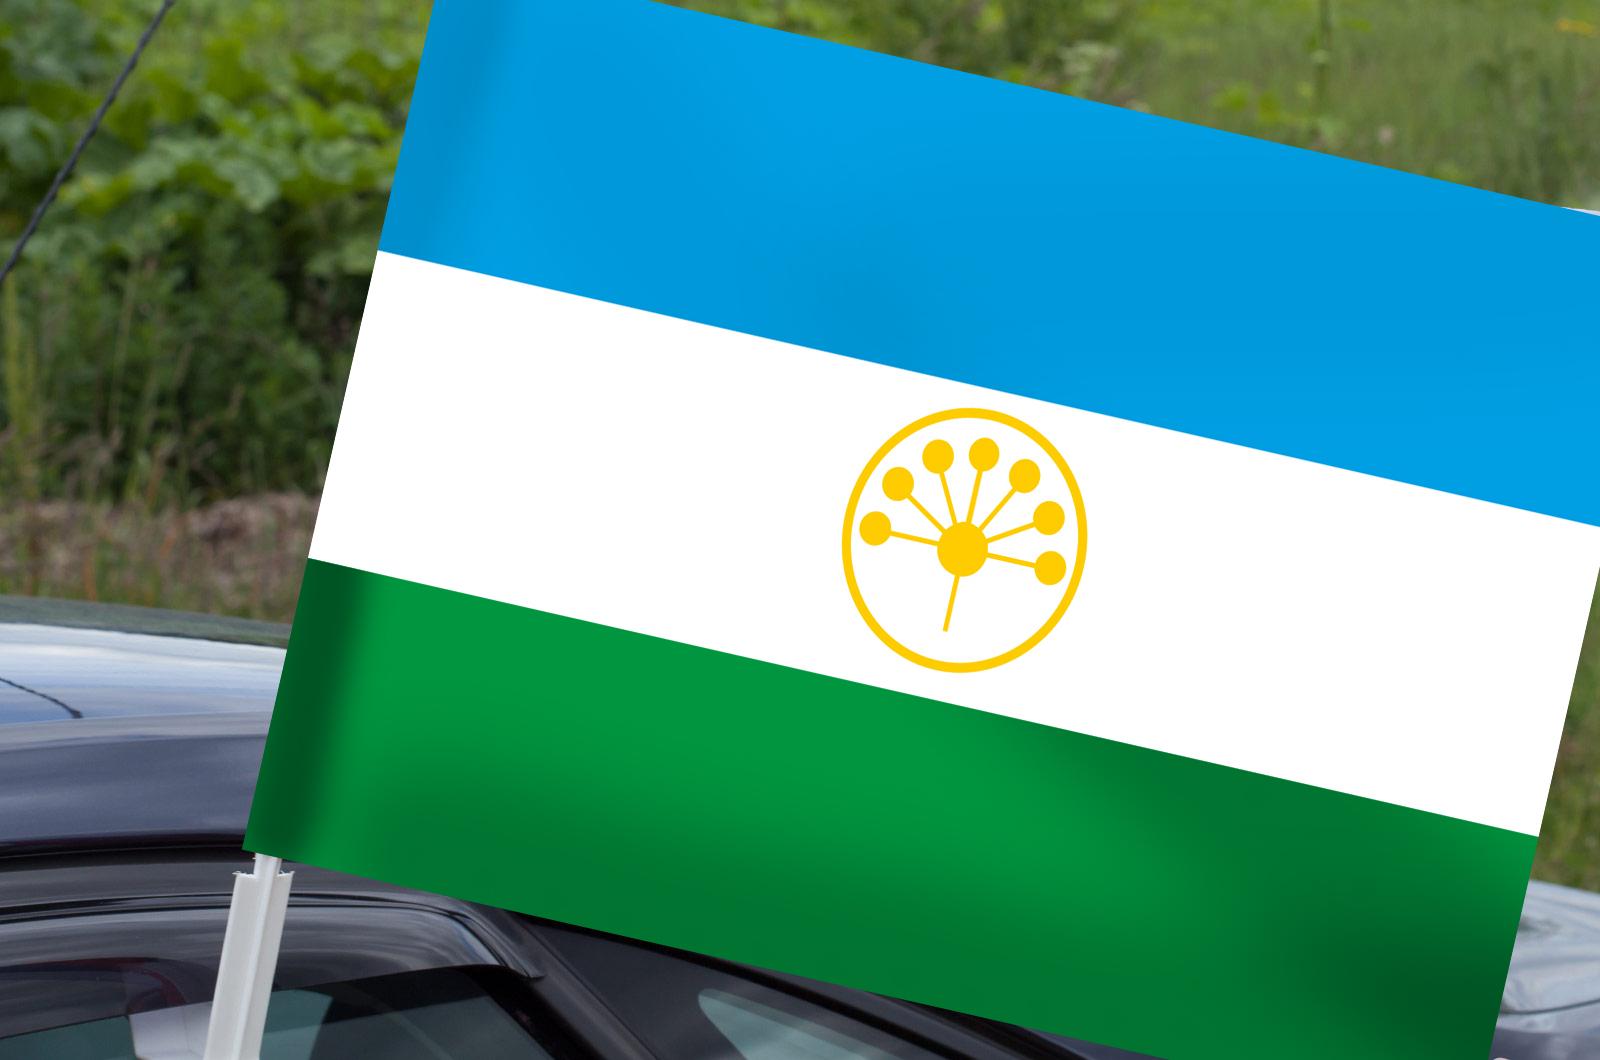 Автомобильный флаг Башкортостана